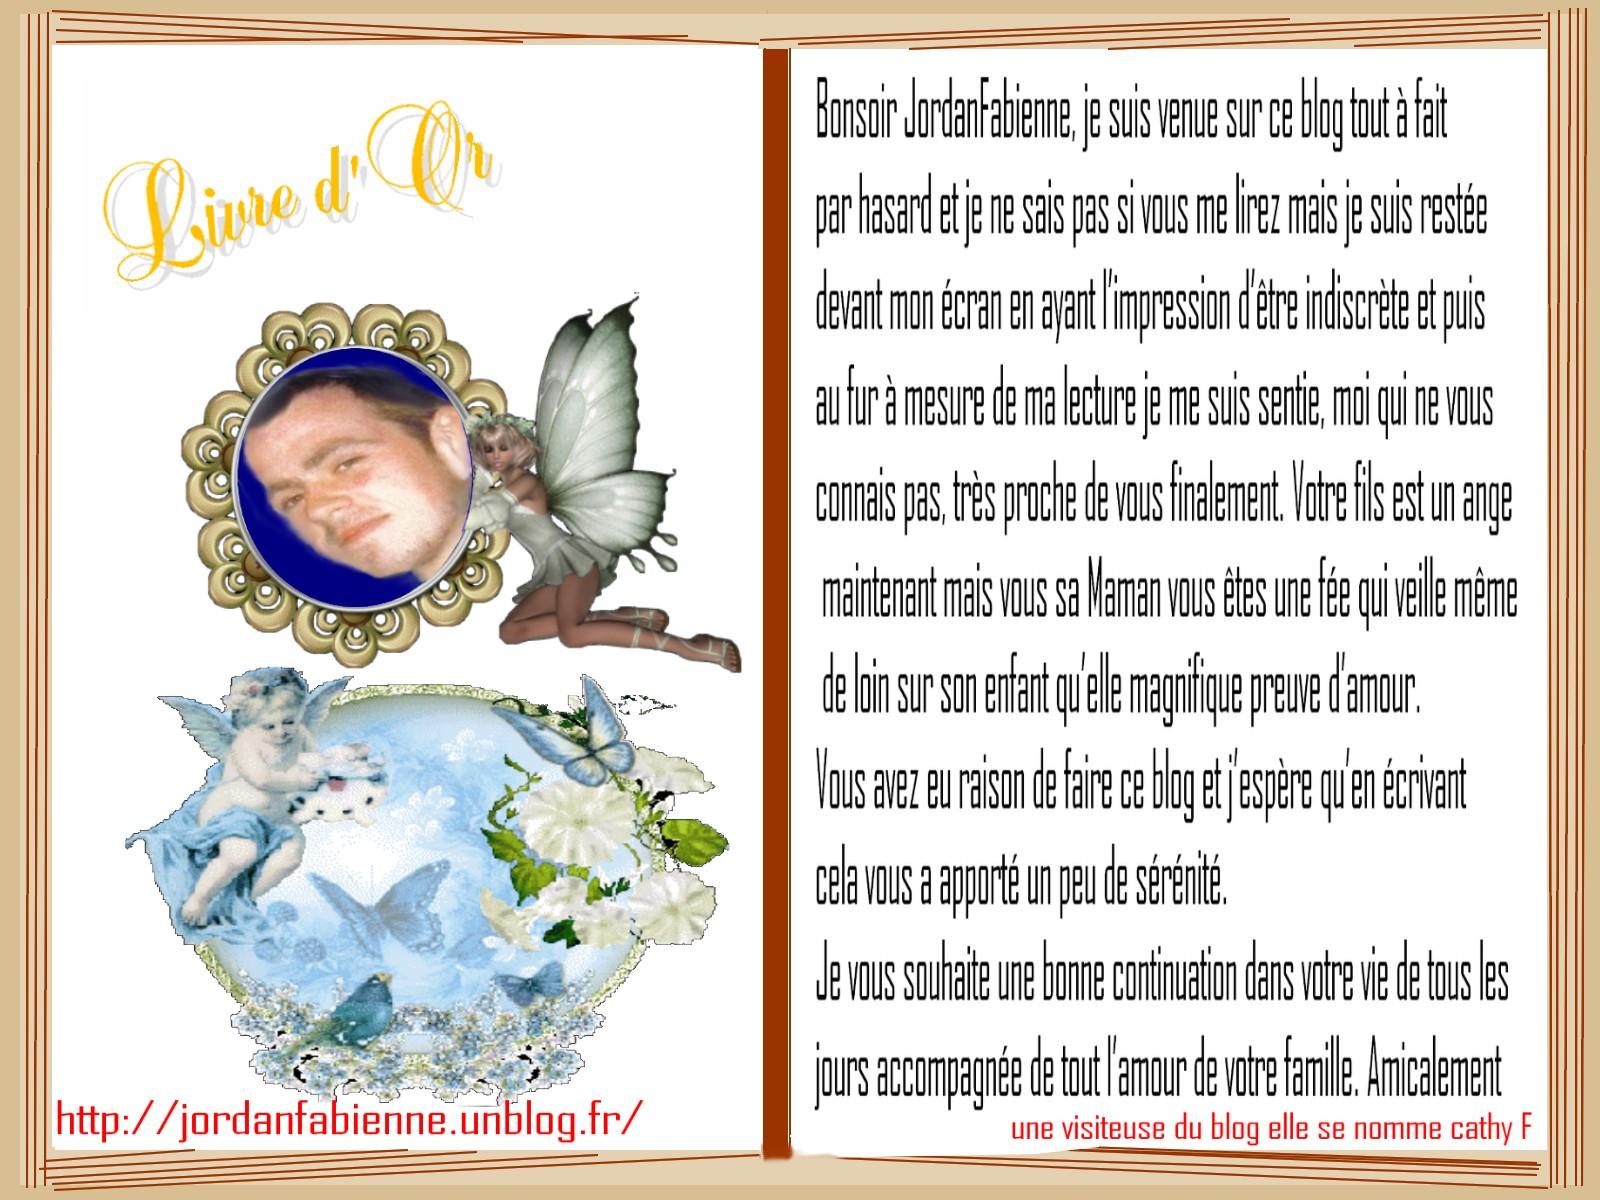 UN COMMENTAIRE DANS LE LIVRE D OR dans Aux visiteurs 110720123703984878493651